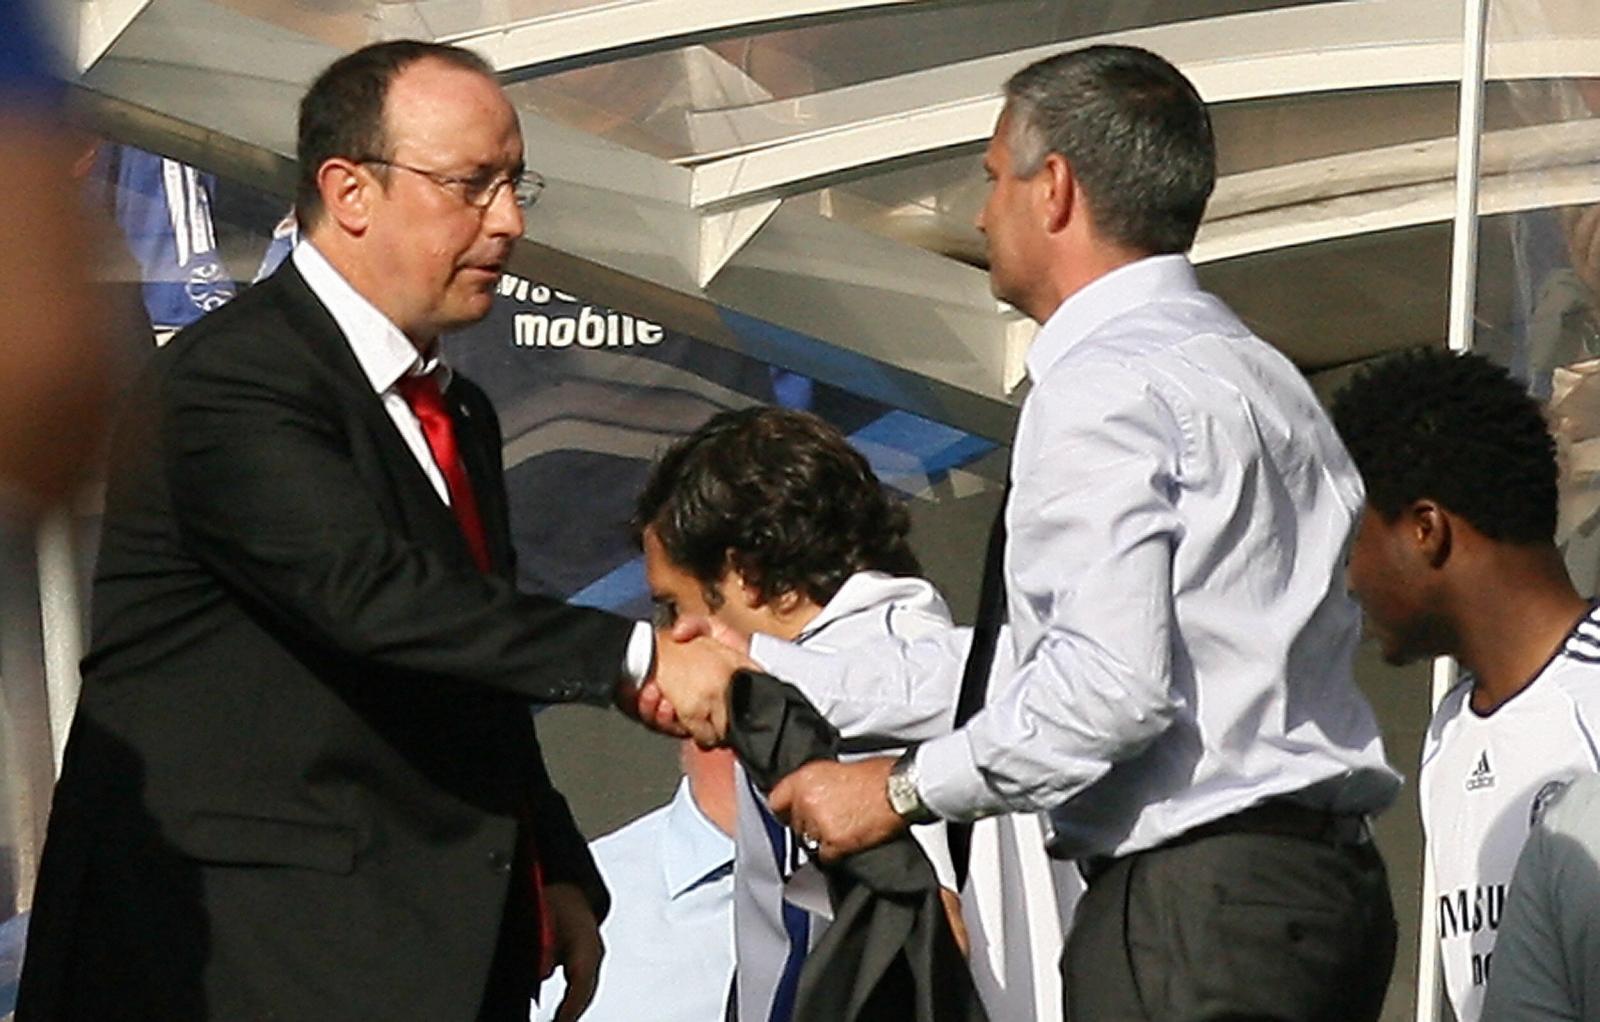 Rafa Benitez and Mourinho